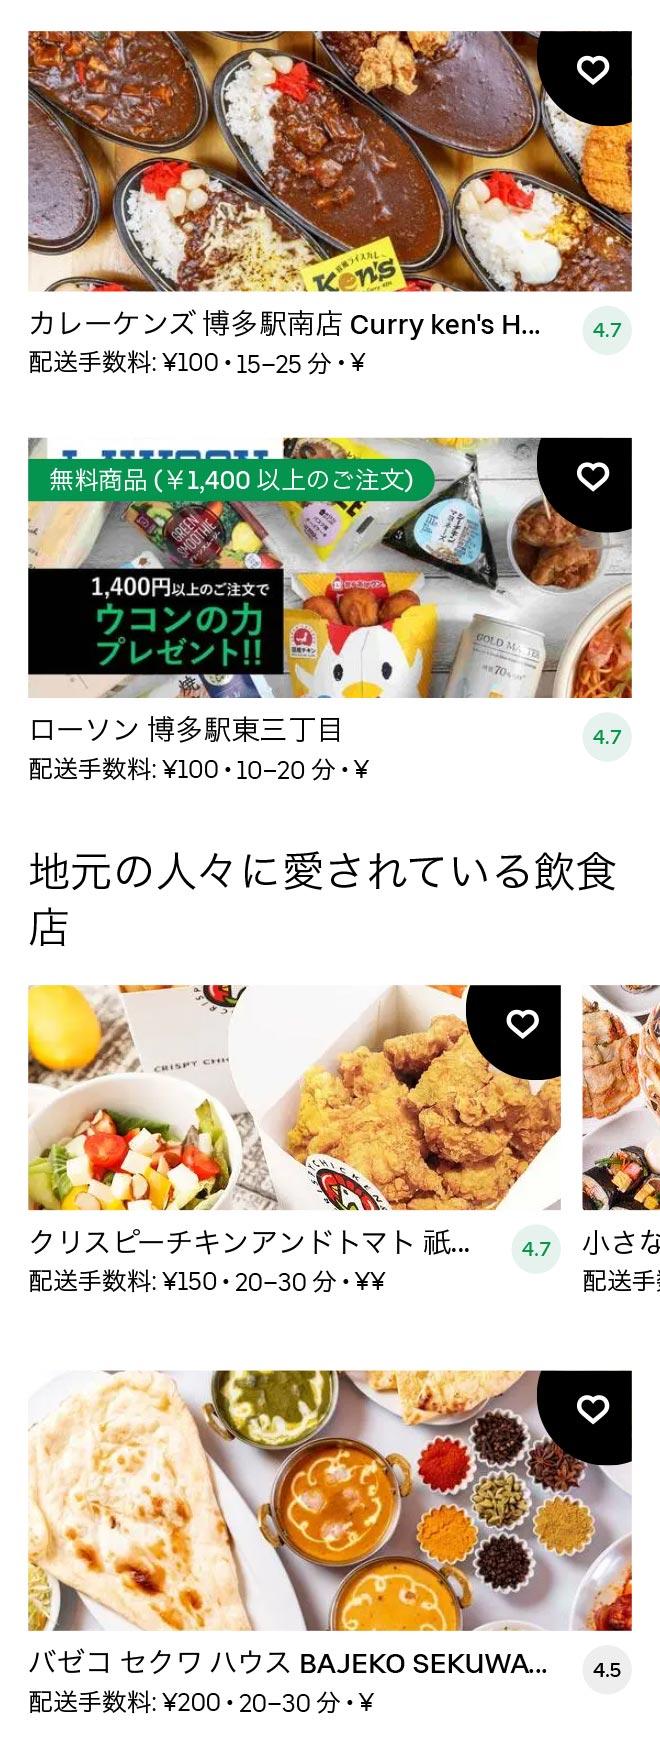 Higashi hie menu 2101 03